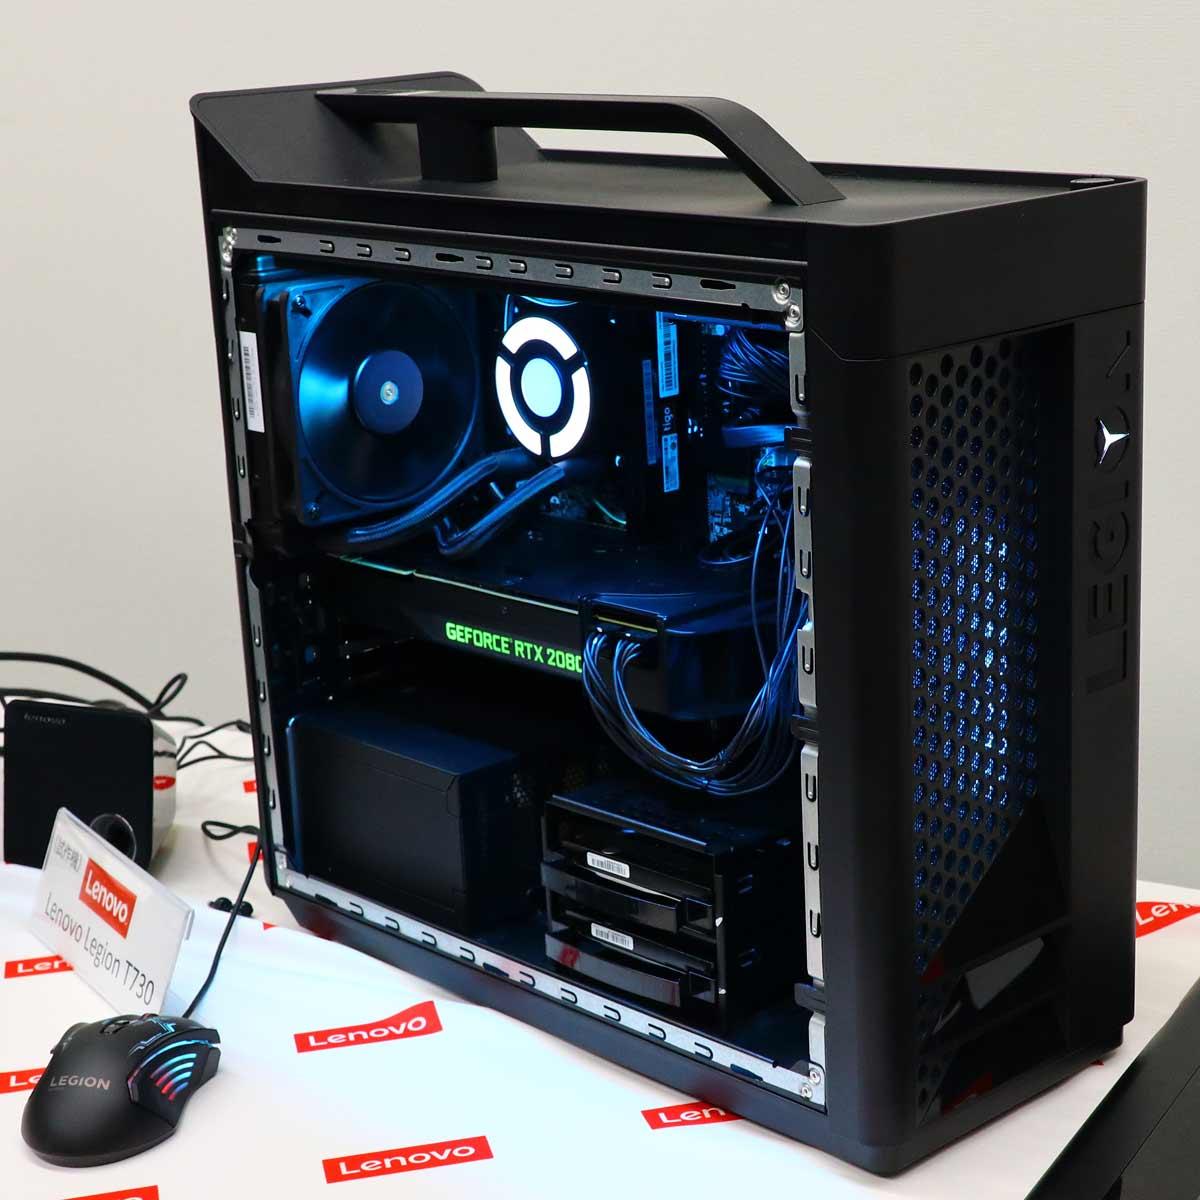 レノボ、Core i9-9900K&GeForce RTX 2080搭載の新型ゲーミングPC「Legion」